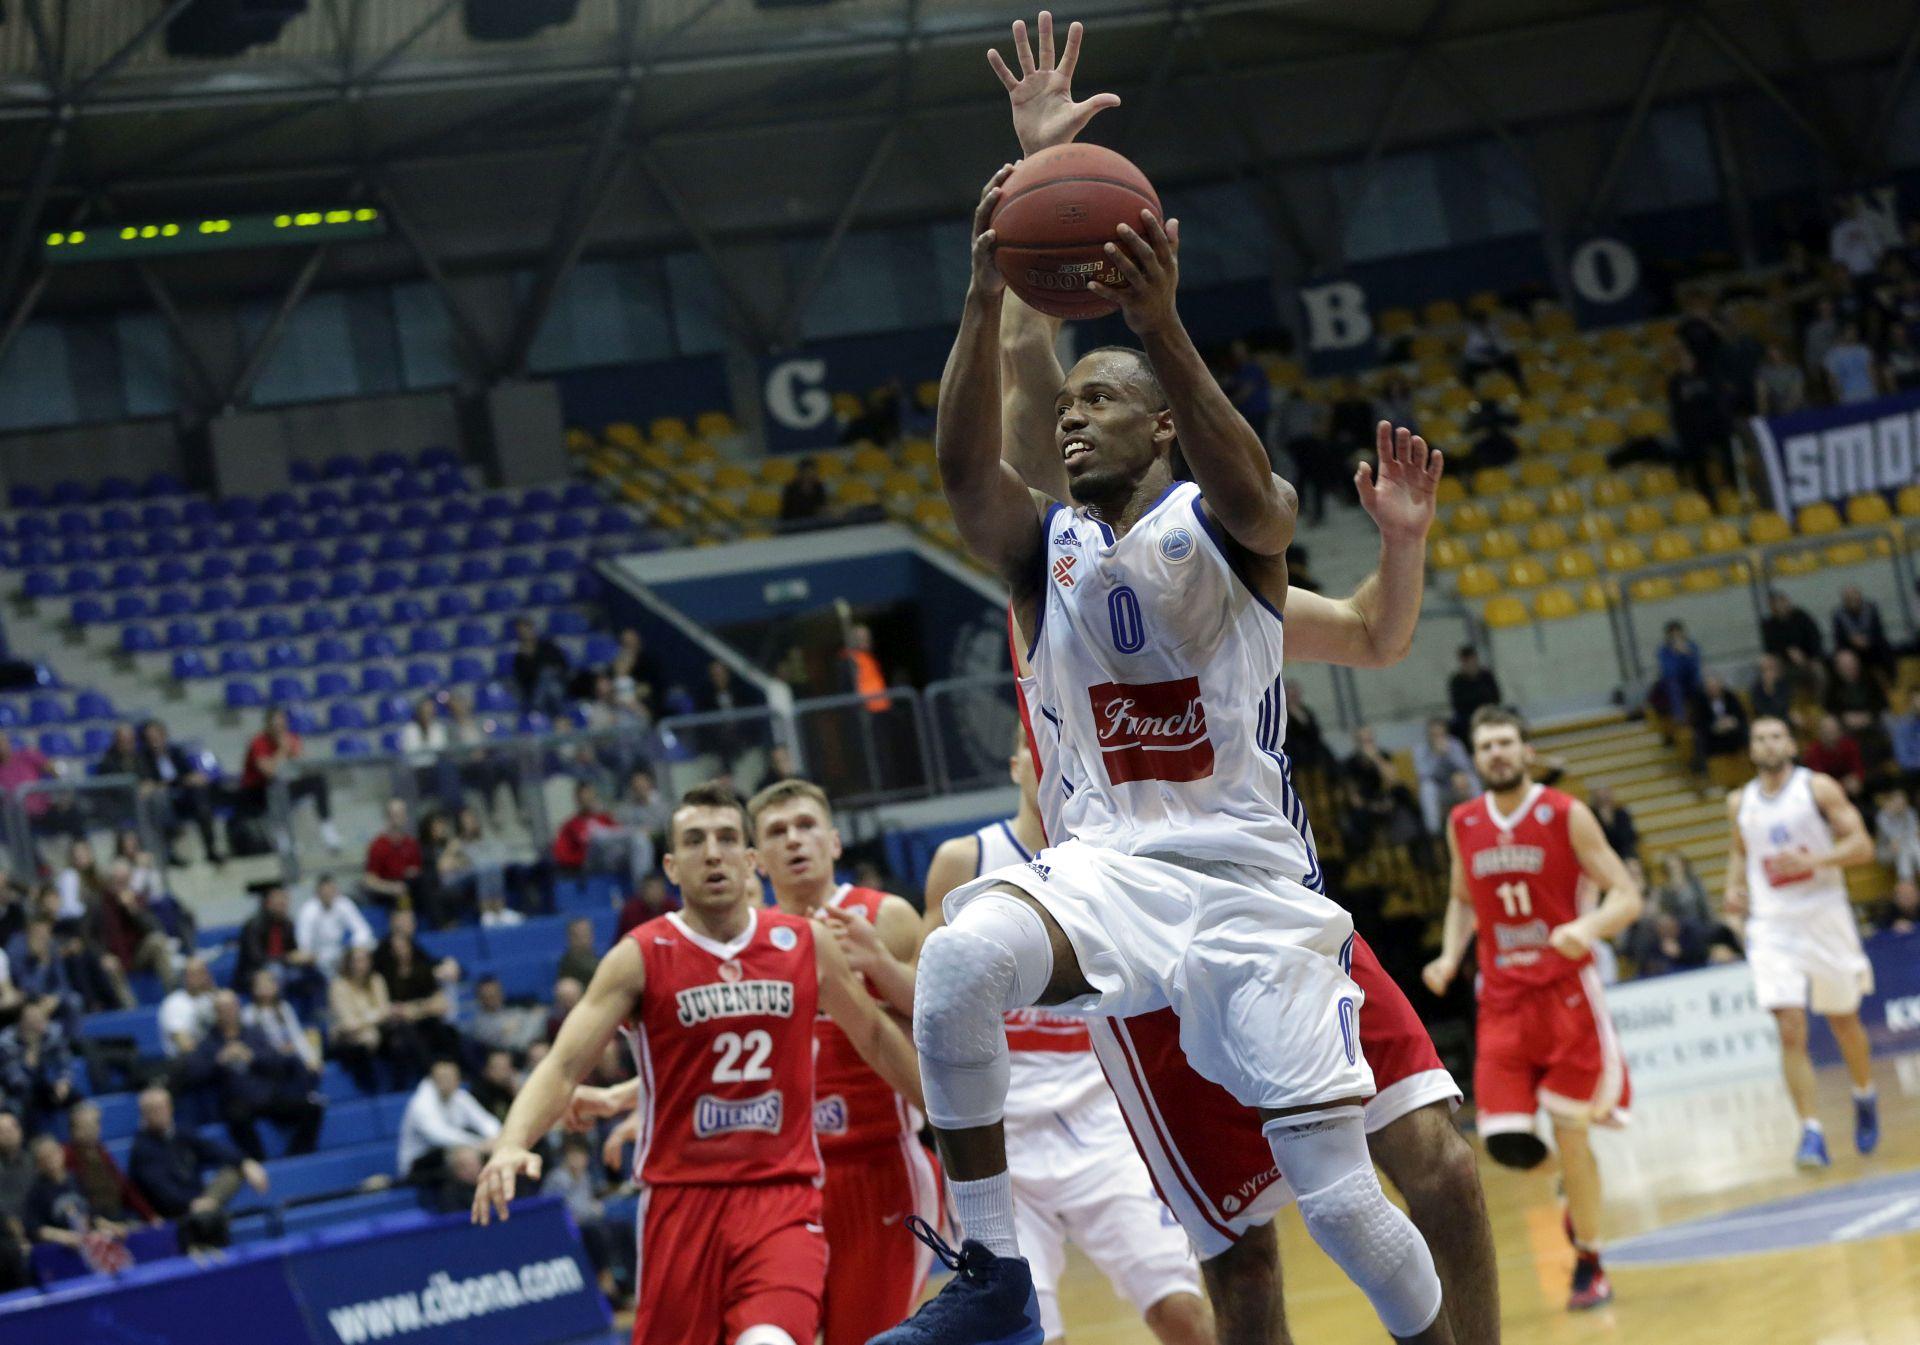 FIBA Europa kup: Cibona propustila veliku priliku